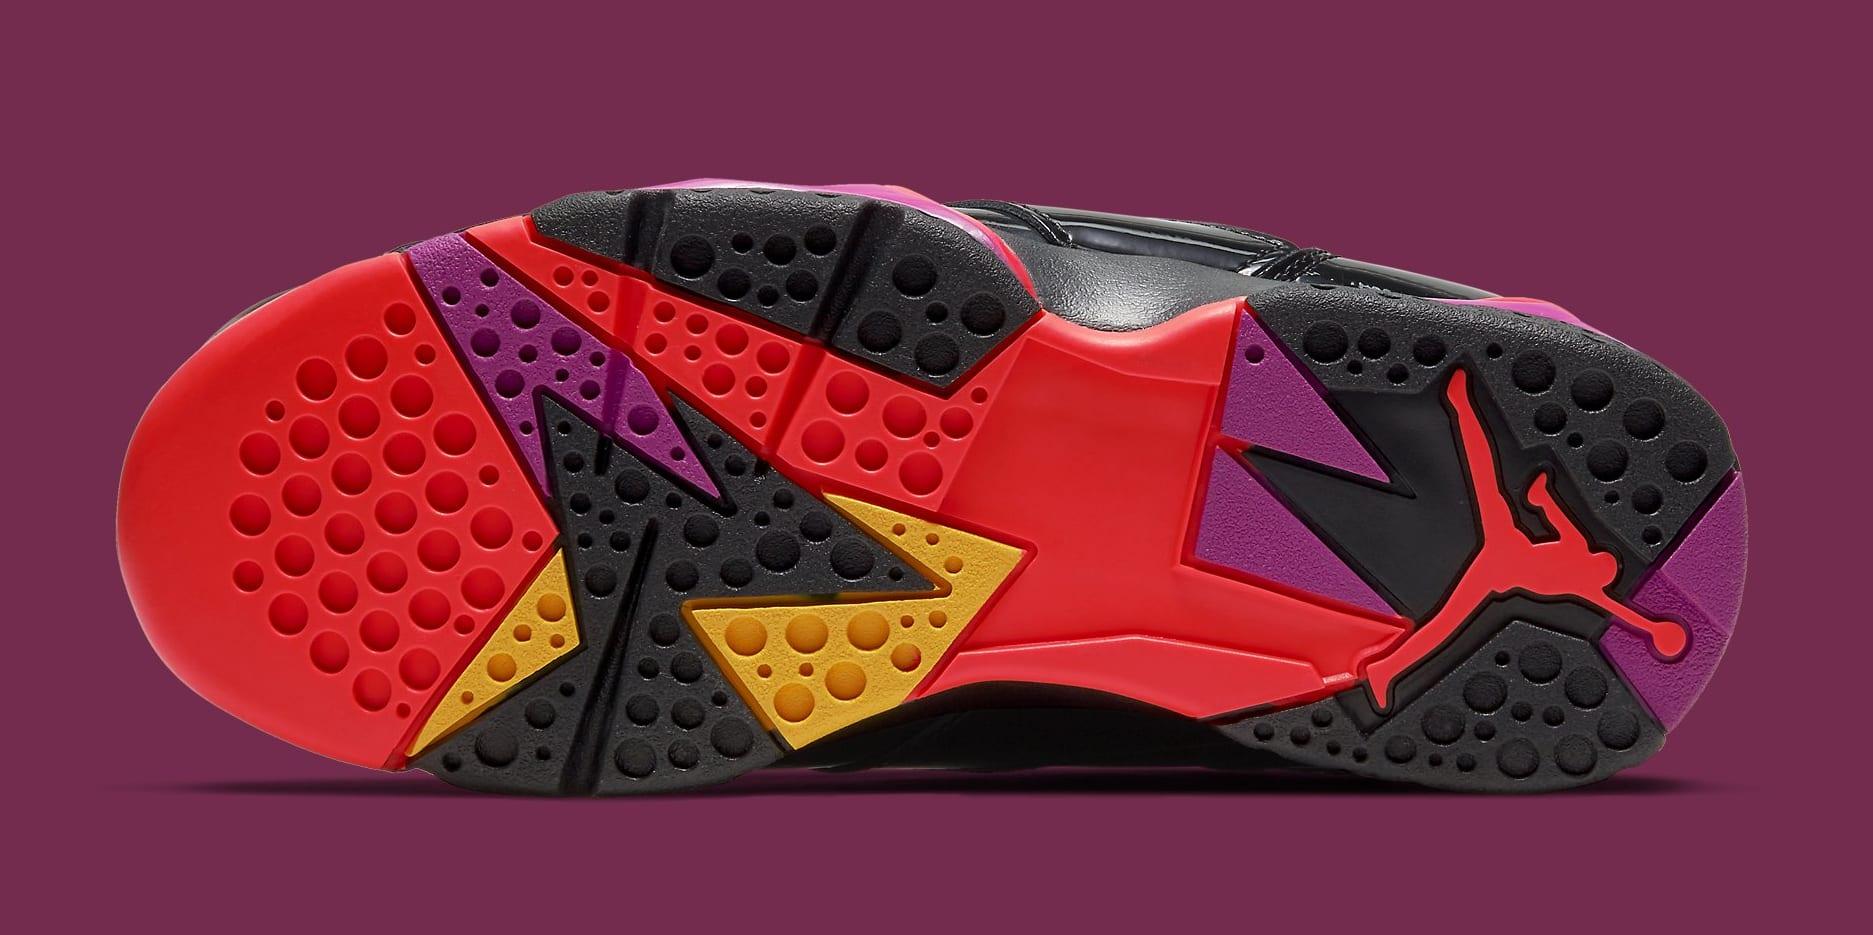 air-jordan-7-vii-retro-wmns-black-patent-leather-313358-006-outsole